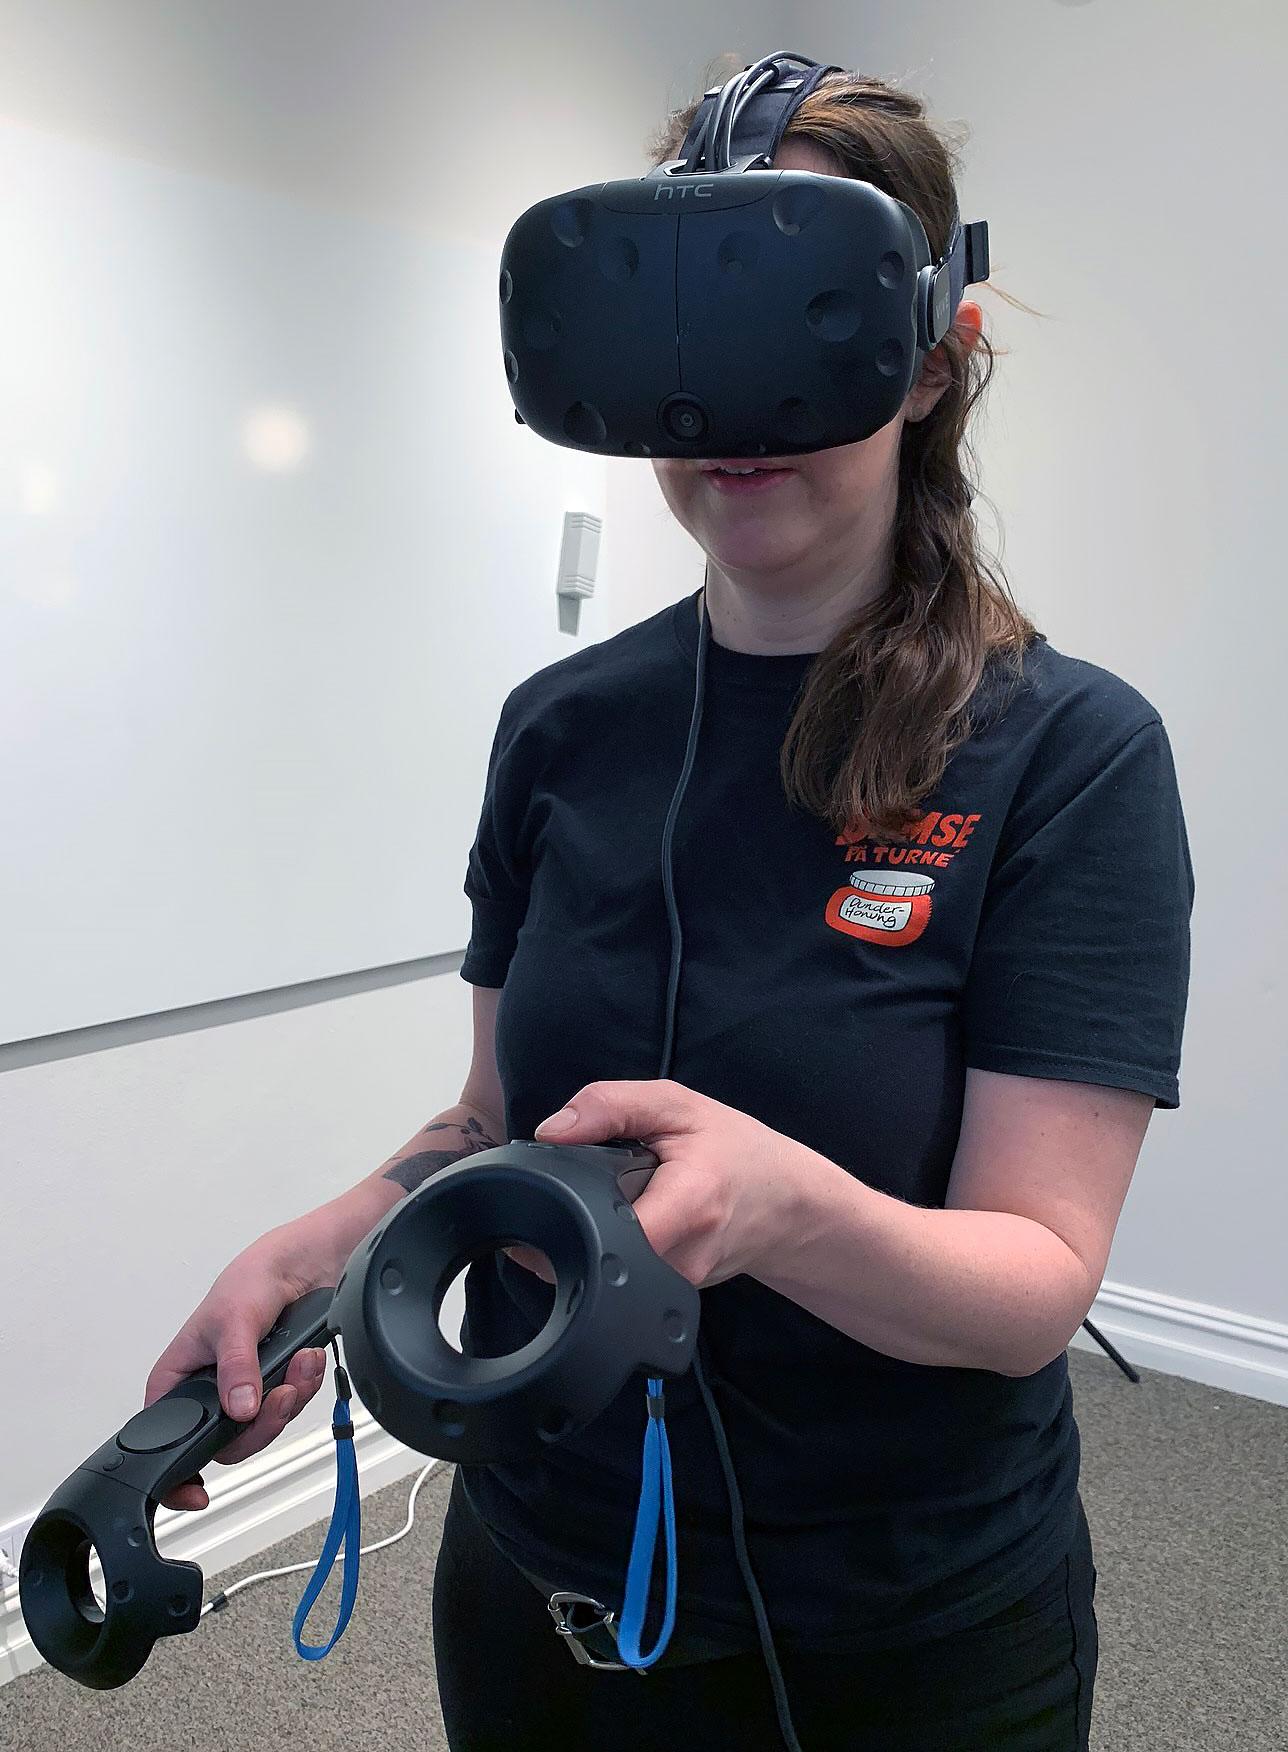 Test av VR-glasögon och handkontroller